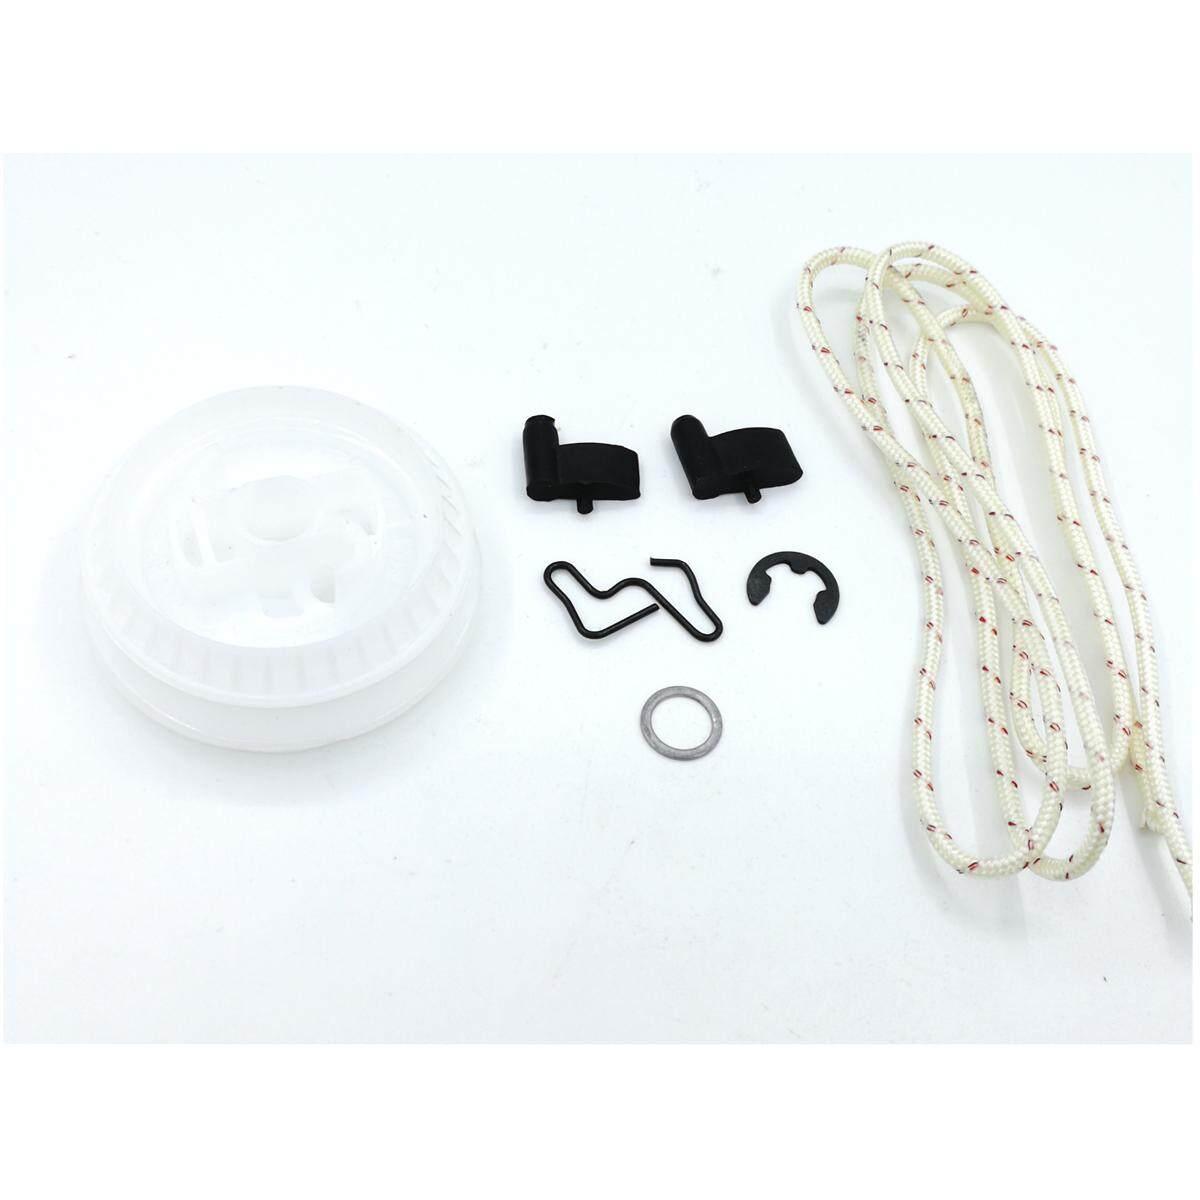 Recoil Starter Start Rebuild Kit For Stihl Chainsaw 017 018